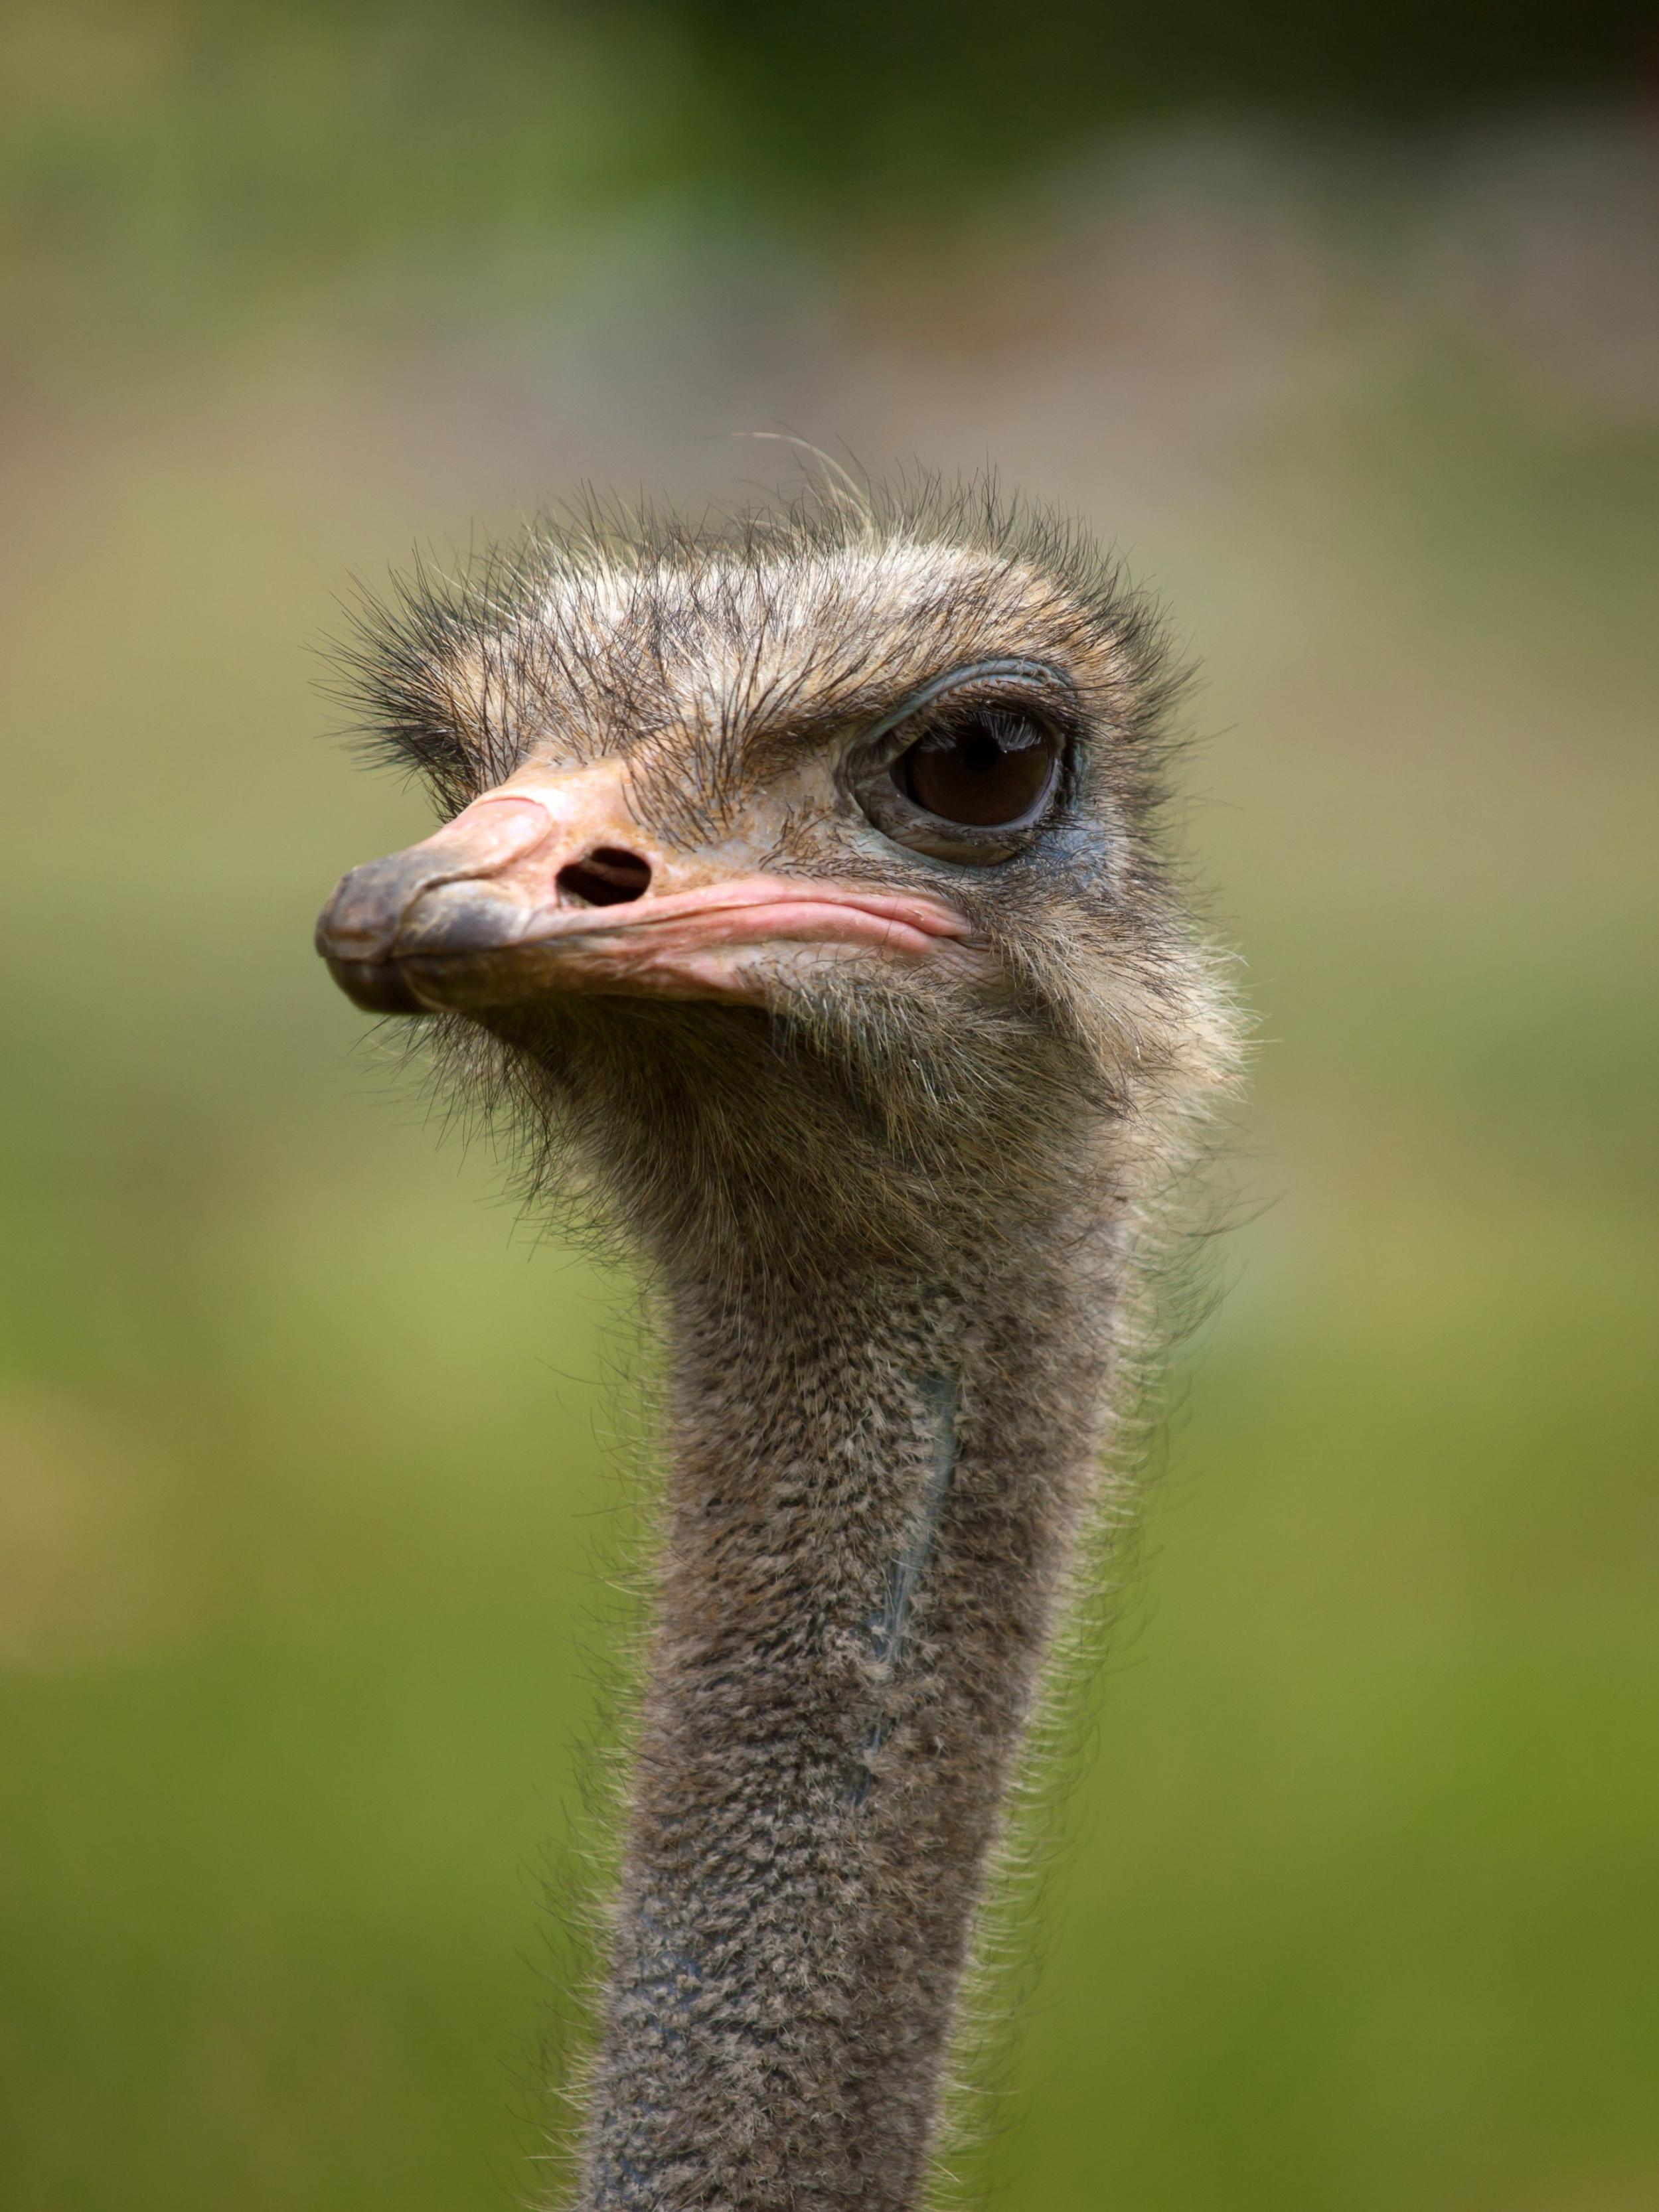 بالصور اكبر طائر في العالم , صور ومعلومات عن اكبر طائر في العالم 2331 9